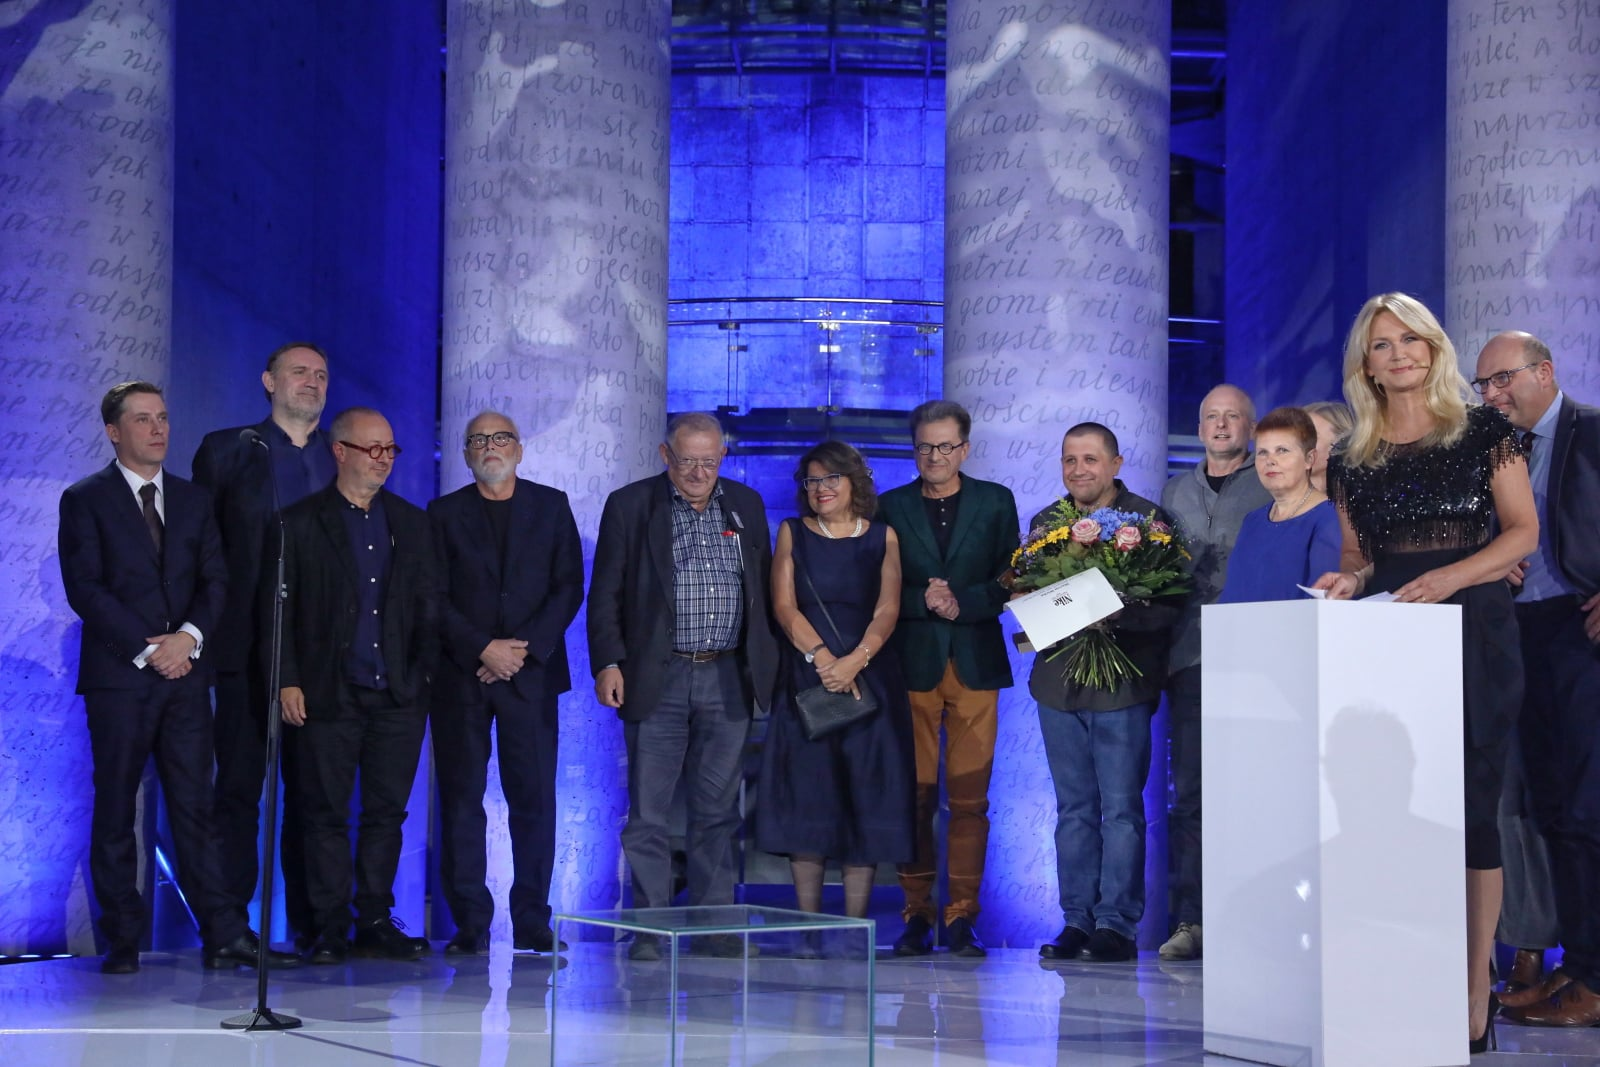 Gala rozdania 22. nagrody Nike w Bibliotece Uniwersytetu Warszawskiego.  Laureatem Literackiej Nagrody Nike za zbiór opowiadań